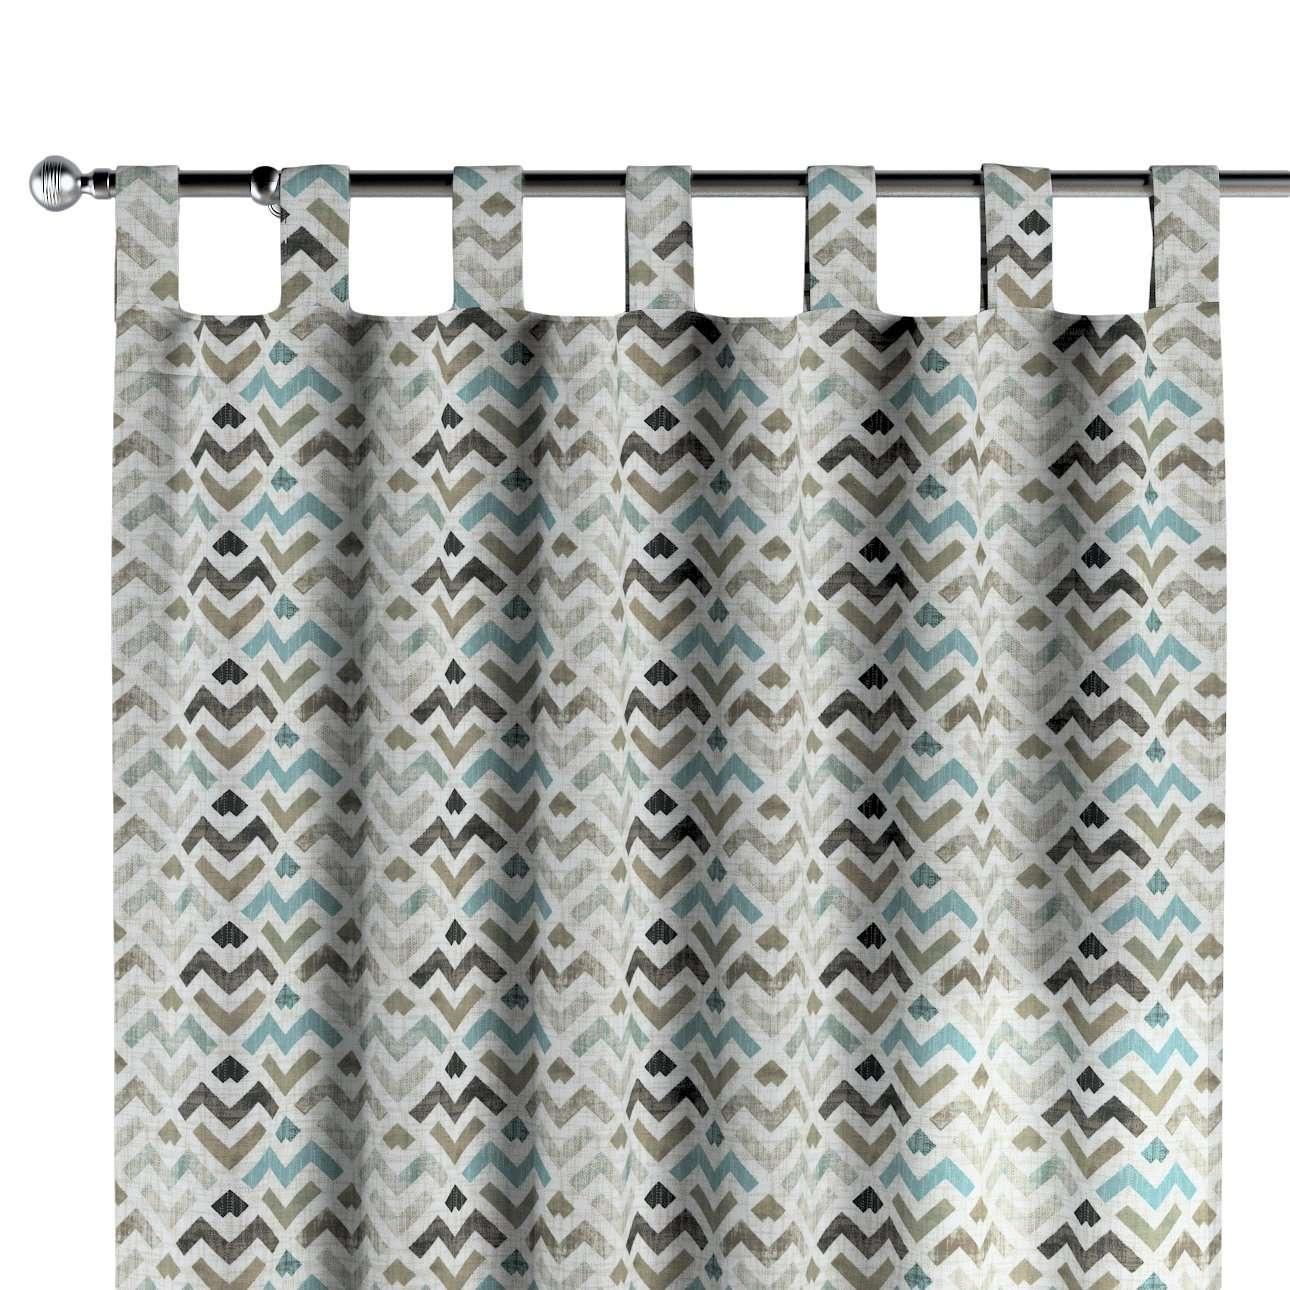 Zasłona na szelkach 1 szt. w kolekcji Modern, tkanina: 141-93